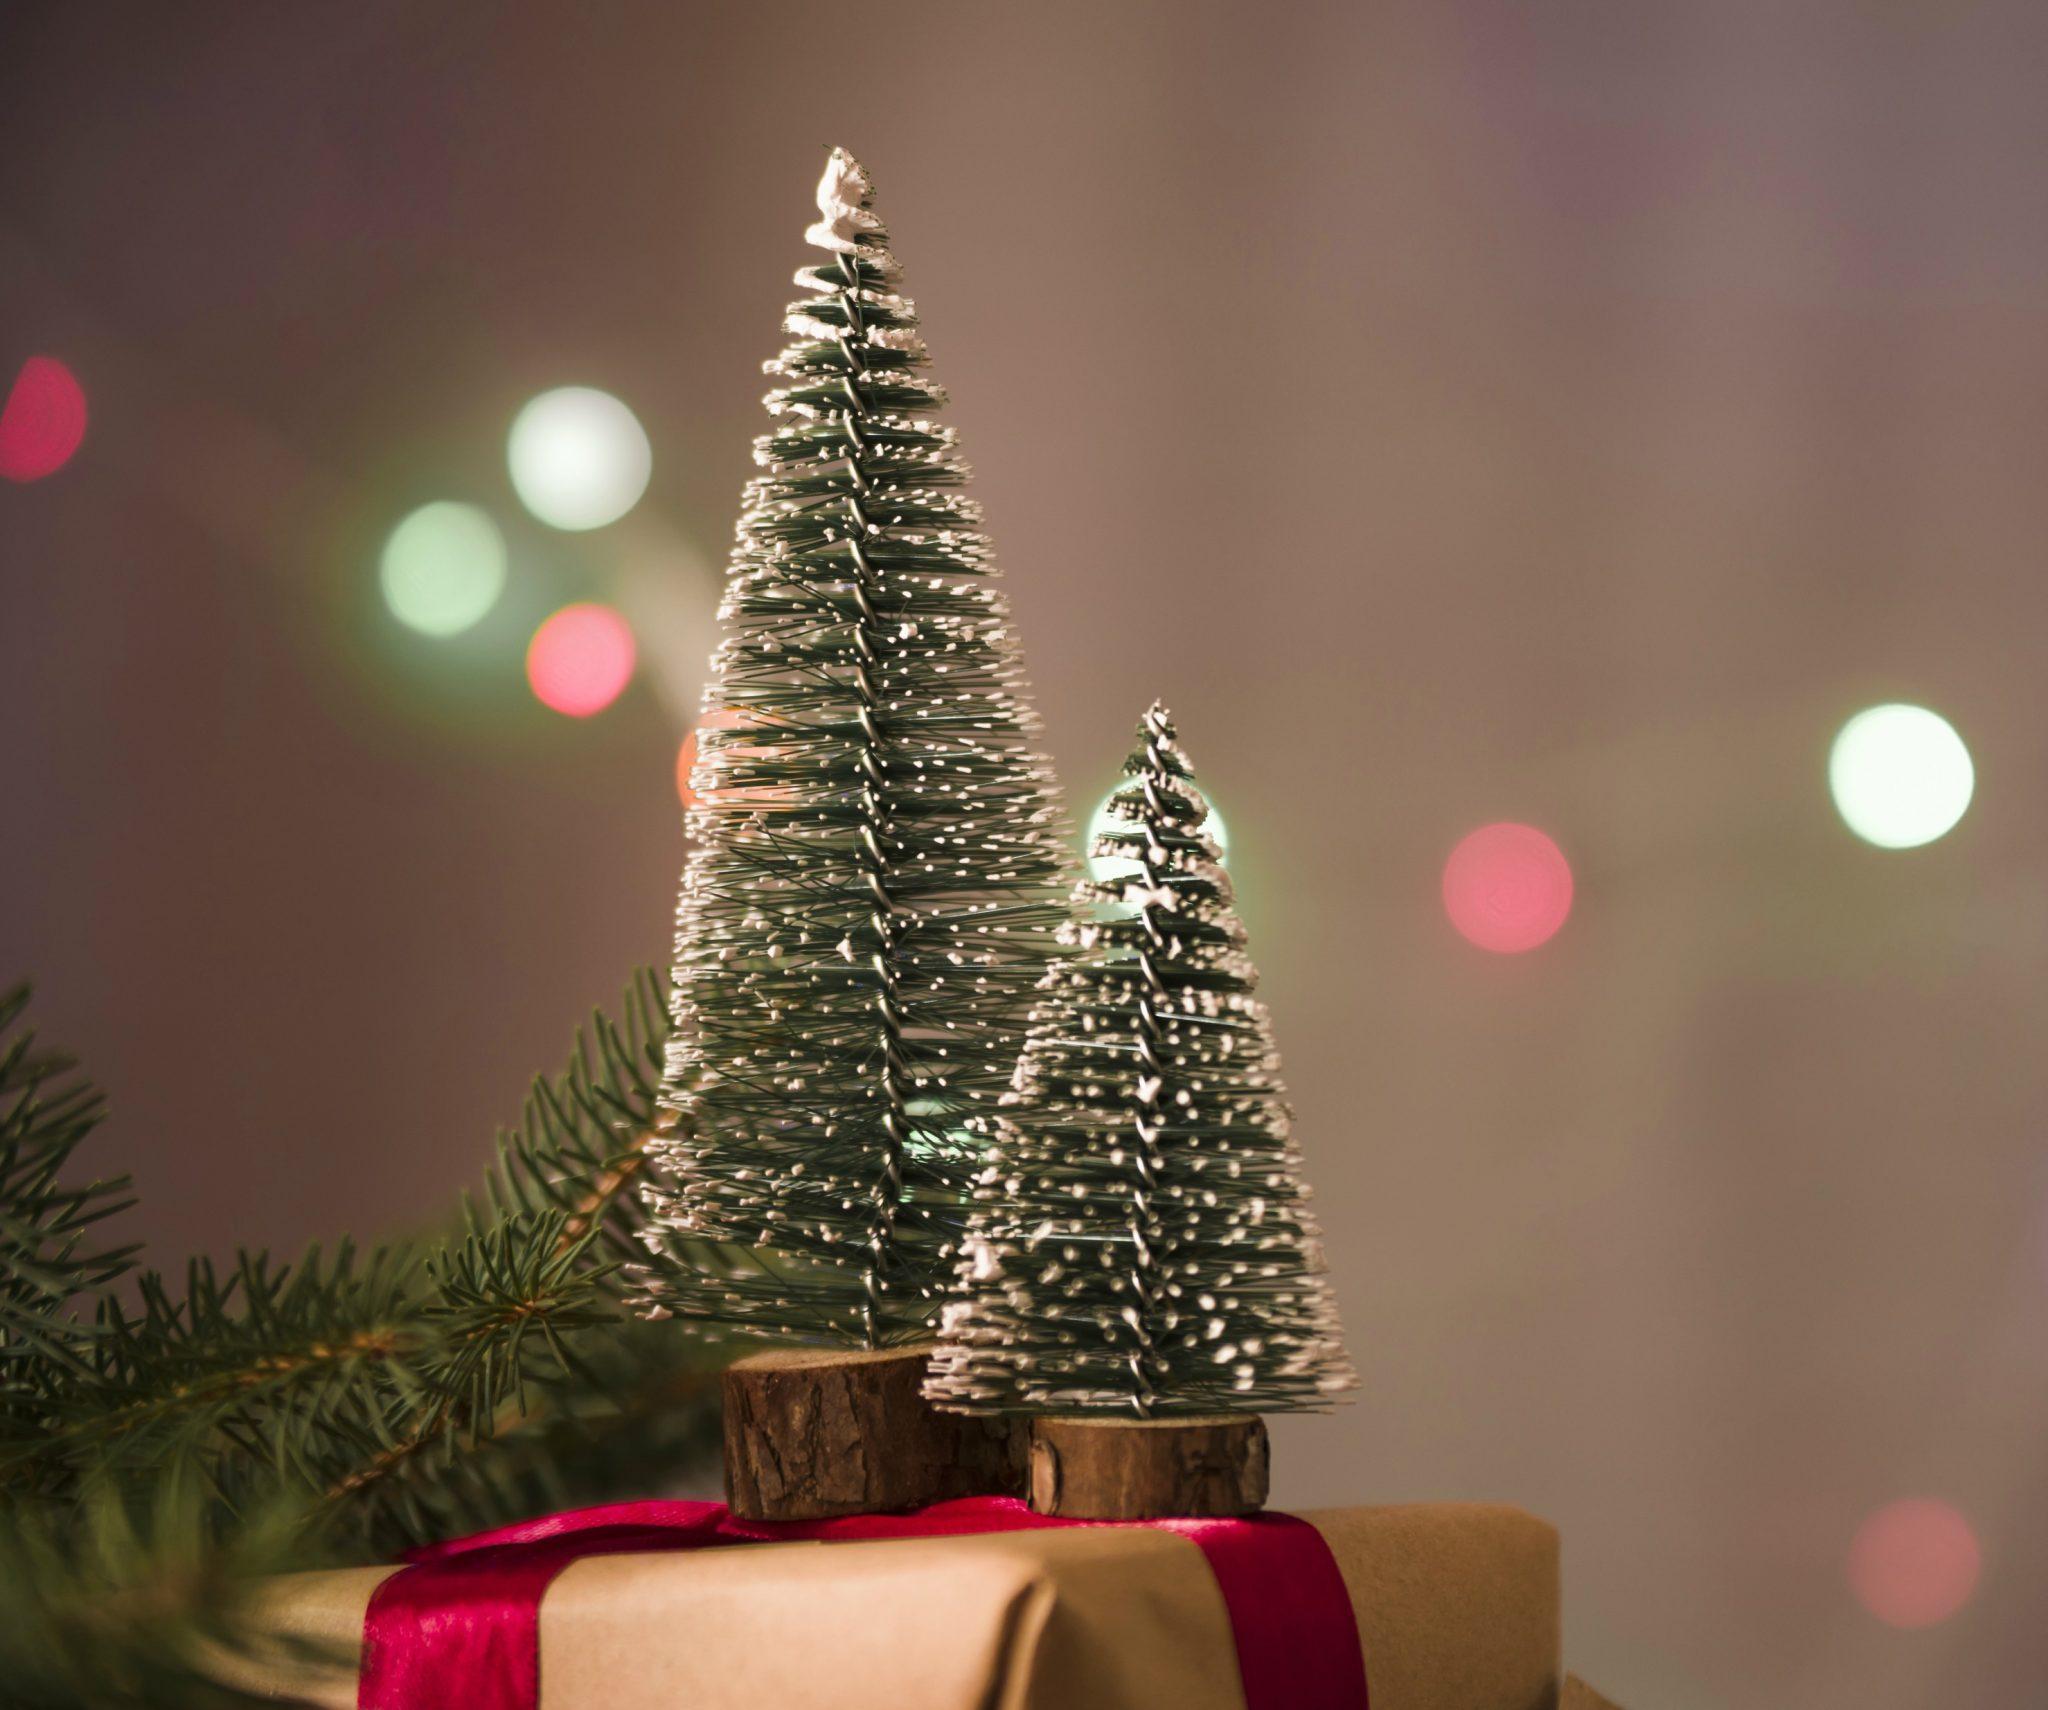 Furtos durante o Natal costumam aumentar